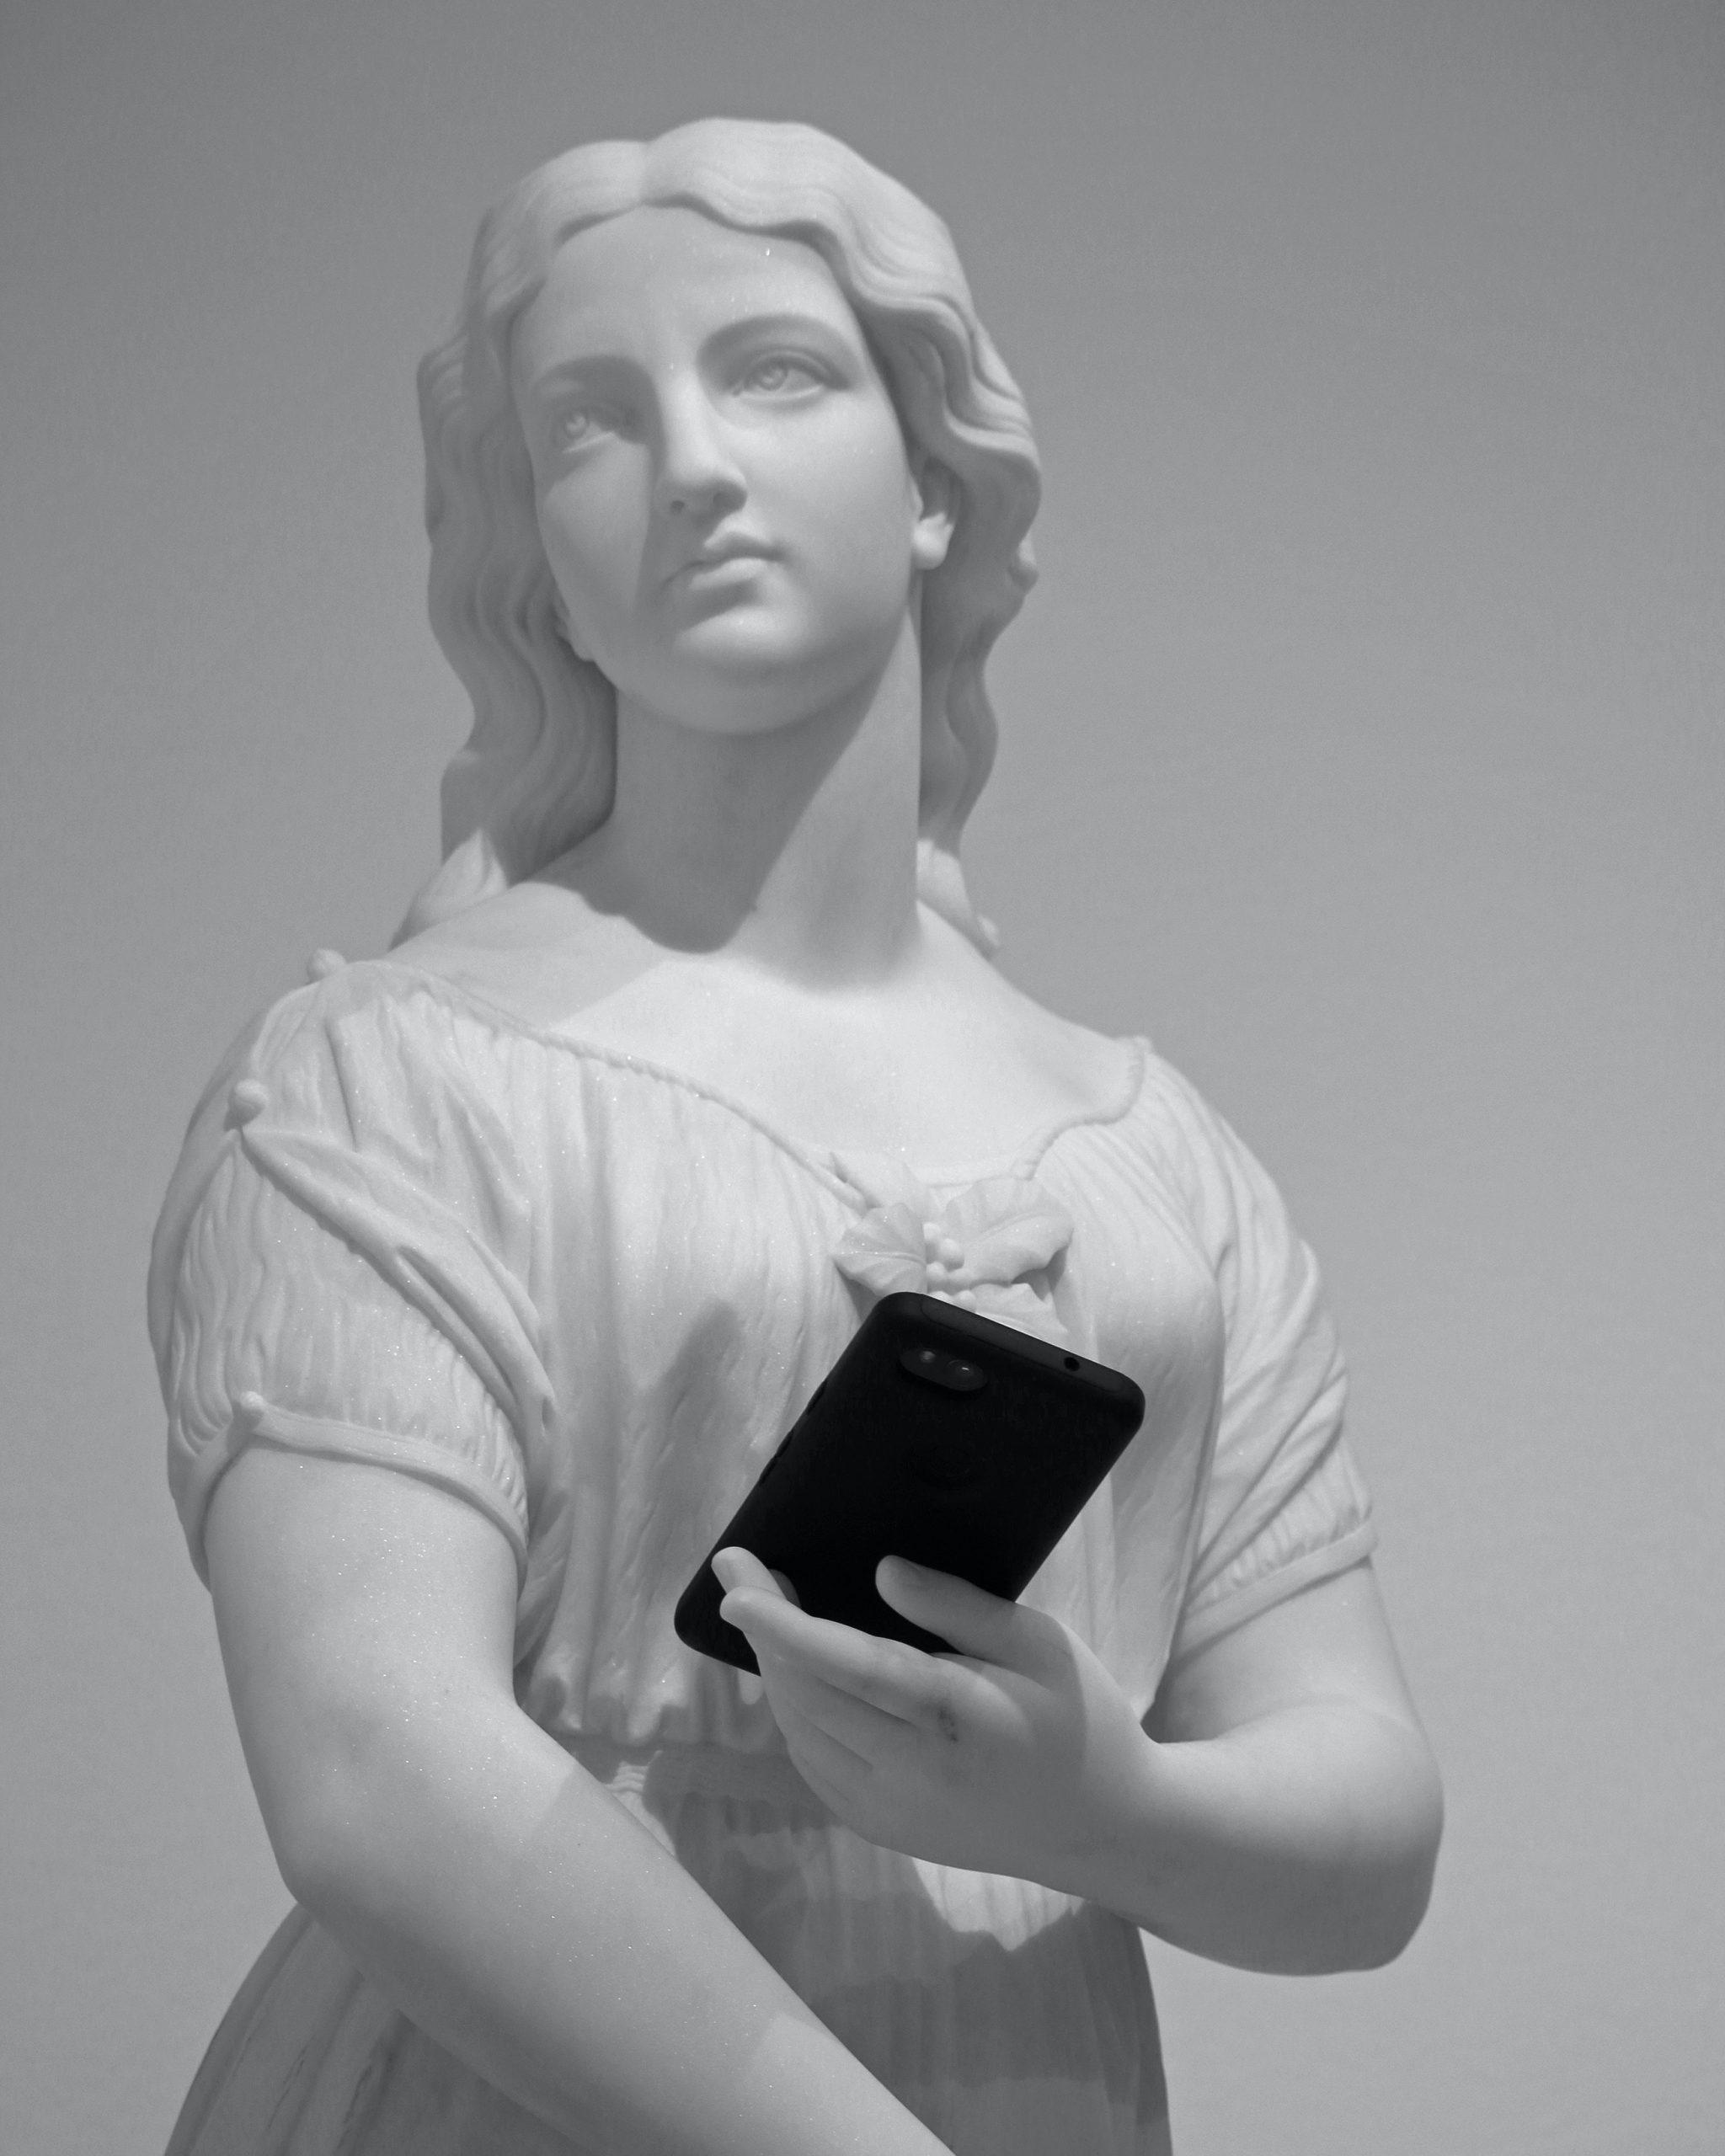 Kombination von Alter und Digitalität